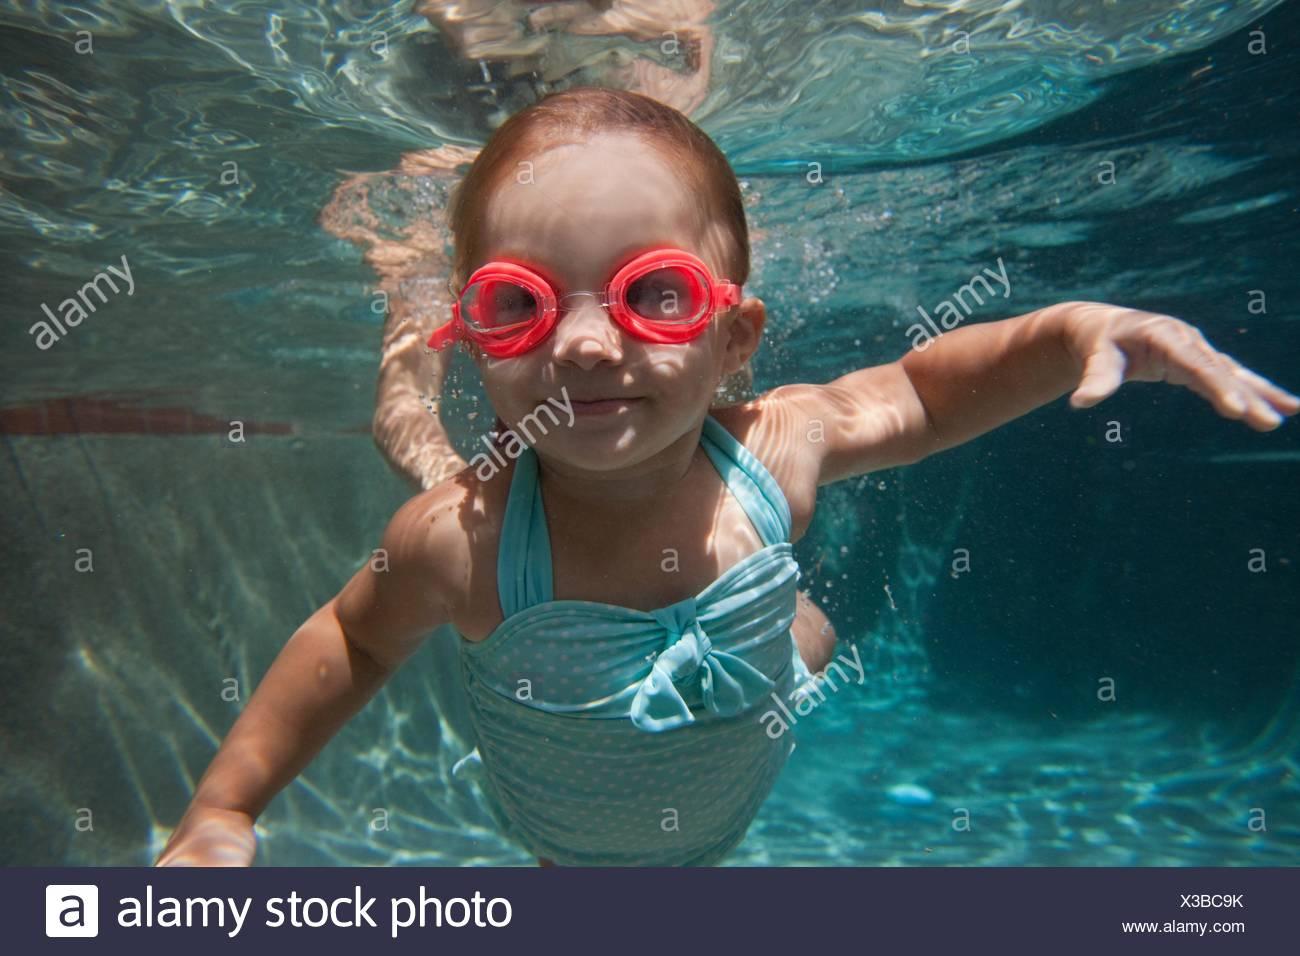 Underwater retrato de chica aprender a nadar y sonriendo a la cámara Imagen De Stock